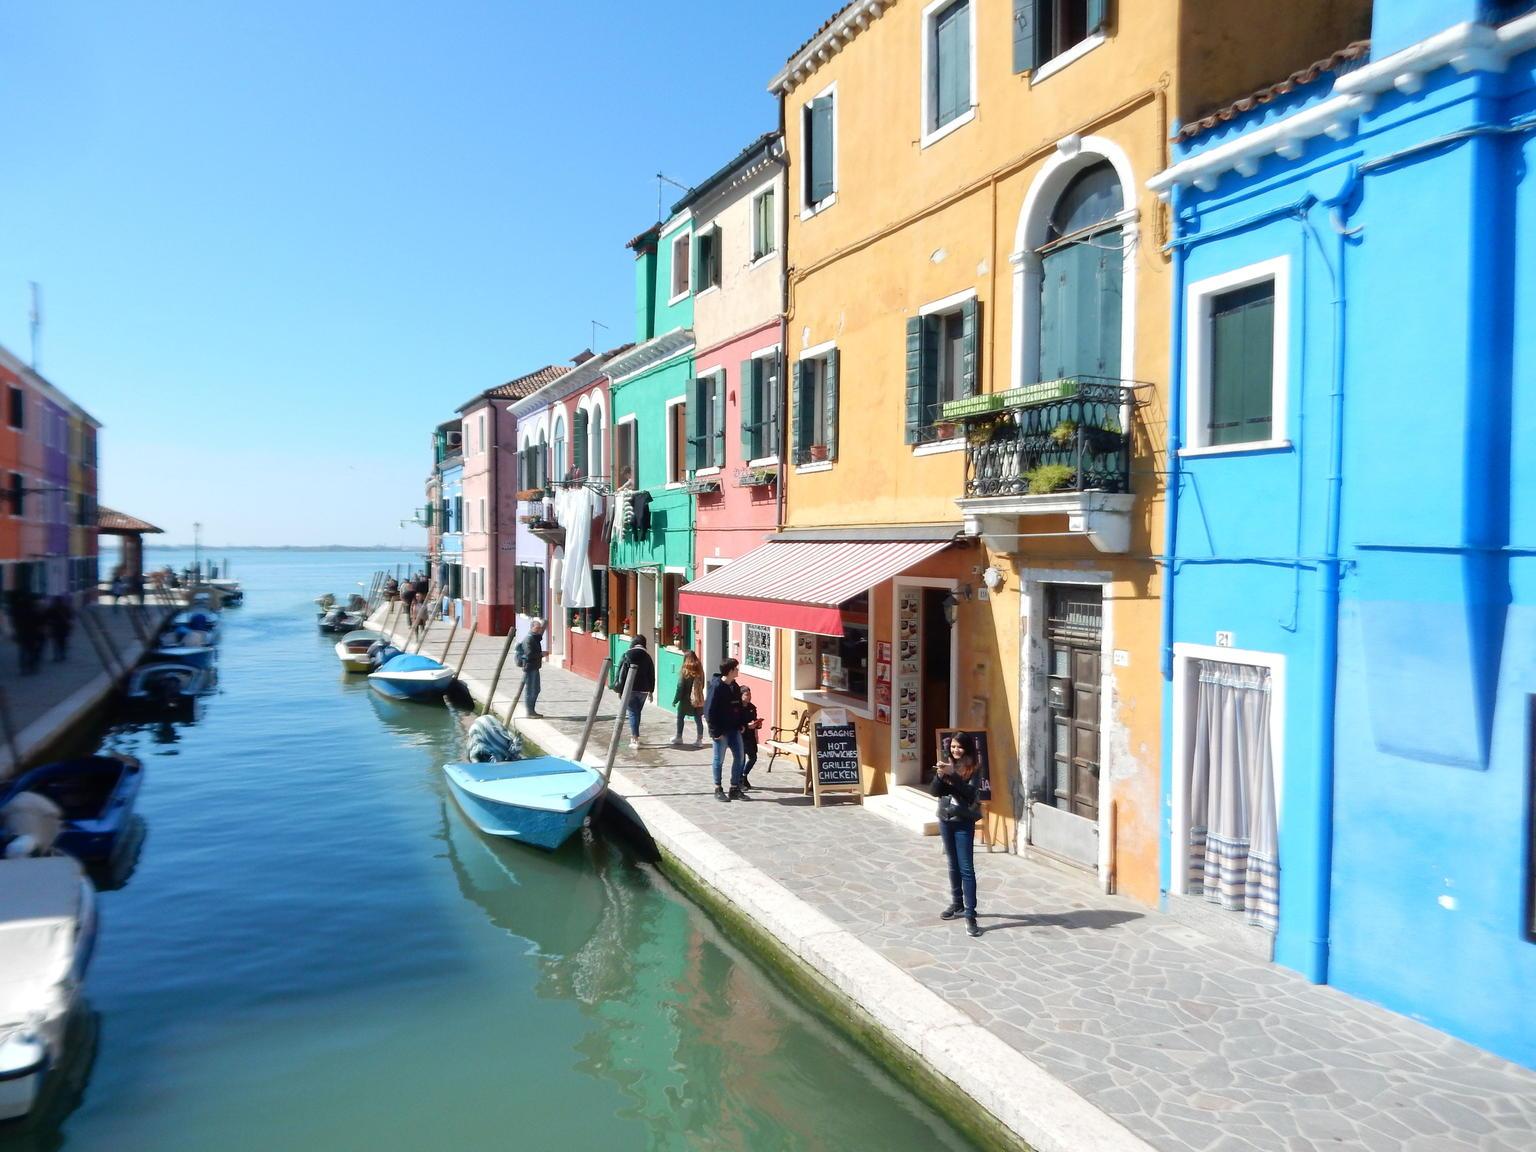 MÁS FOTOS, Excursión turística de medio día por Murano, Burano y Torcello